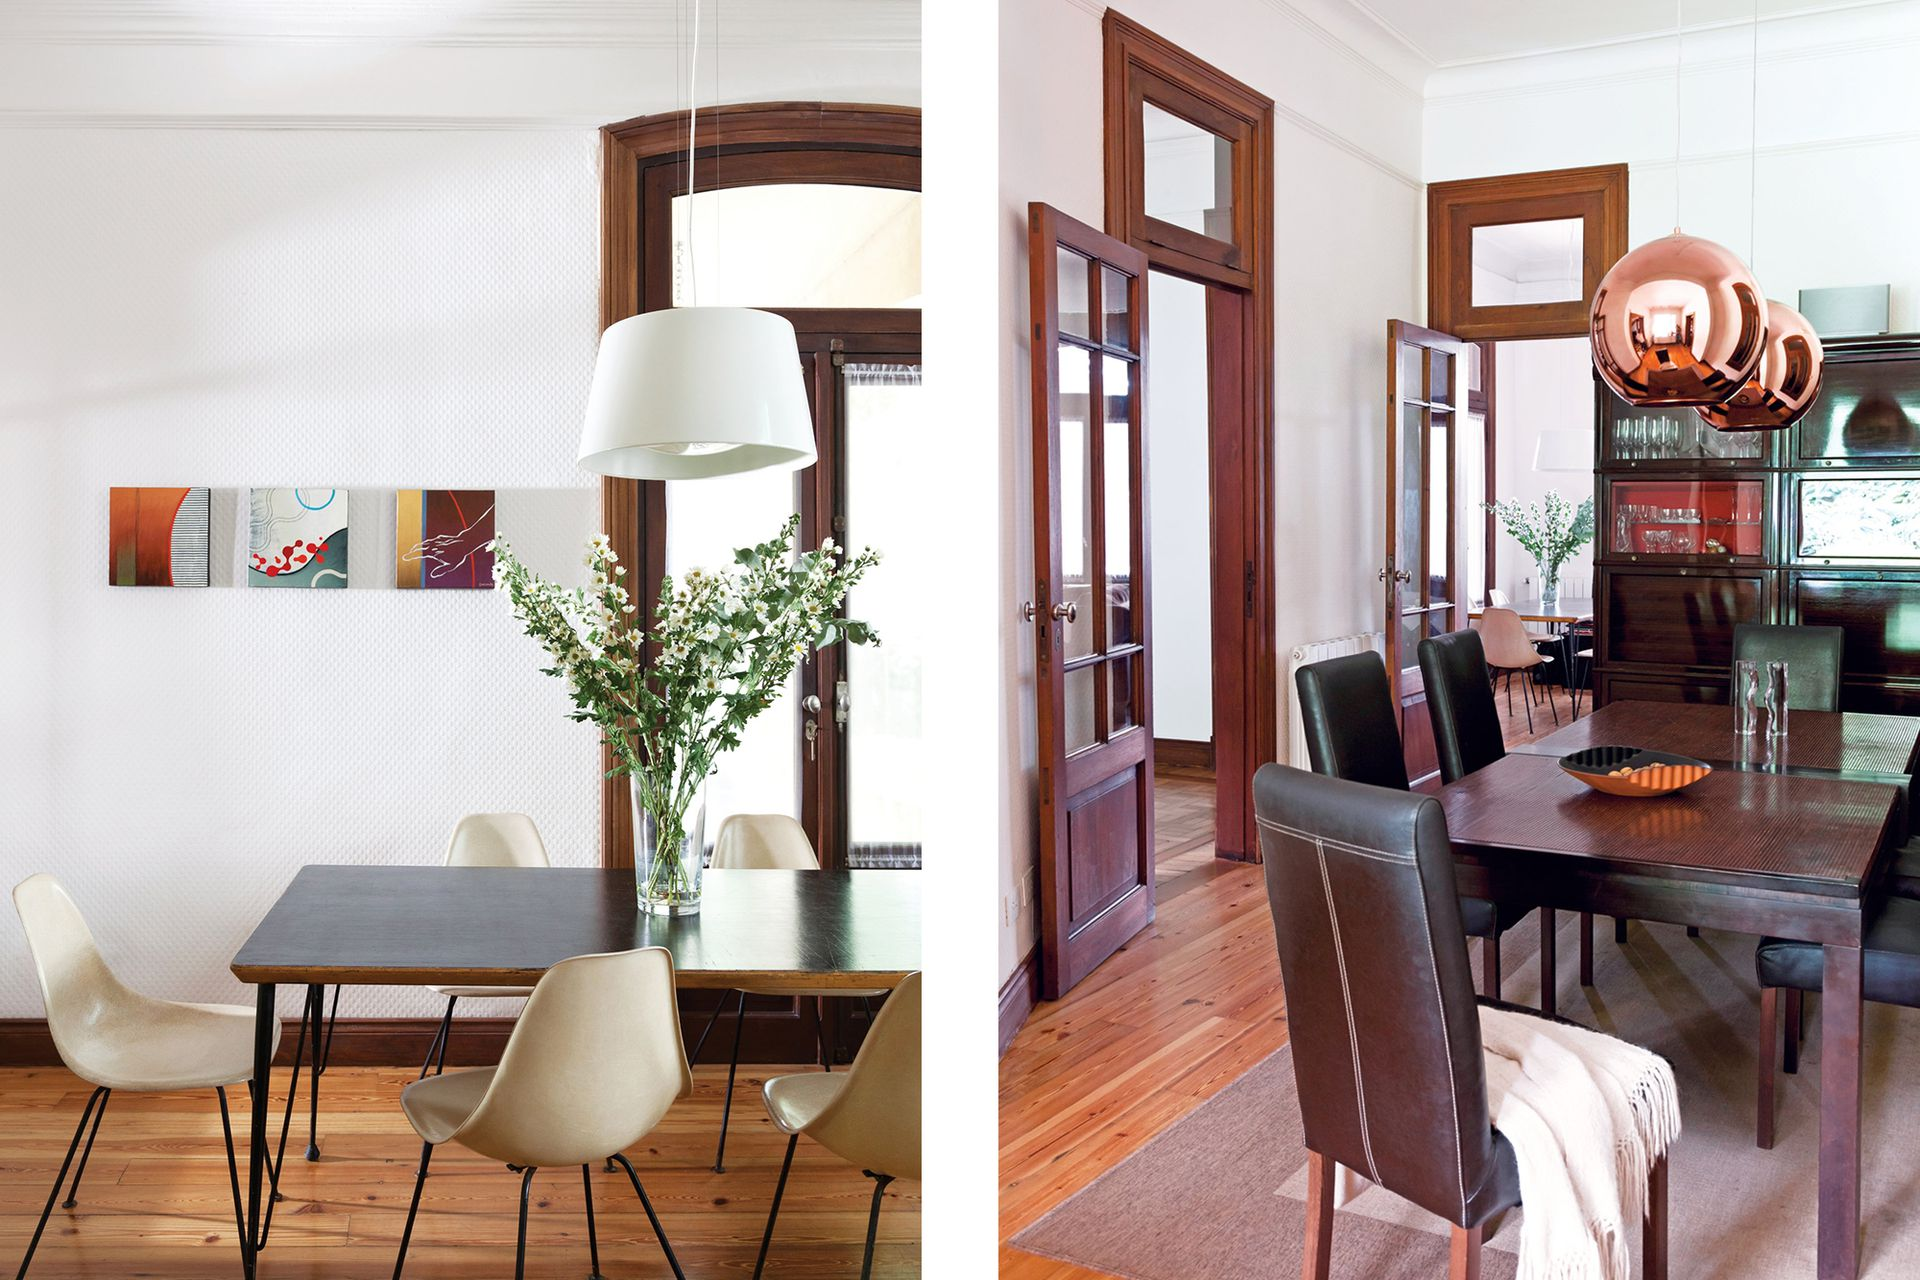 El extremo del playroom tiene una mesa rodeada de sillas Eames vintage compradas en Andersonville, el barrio de Chicago donde estuvieron instalados durante varios años. Los cuadros de John Garrison tienen la misma procedencia.